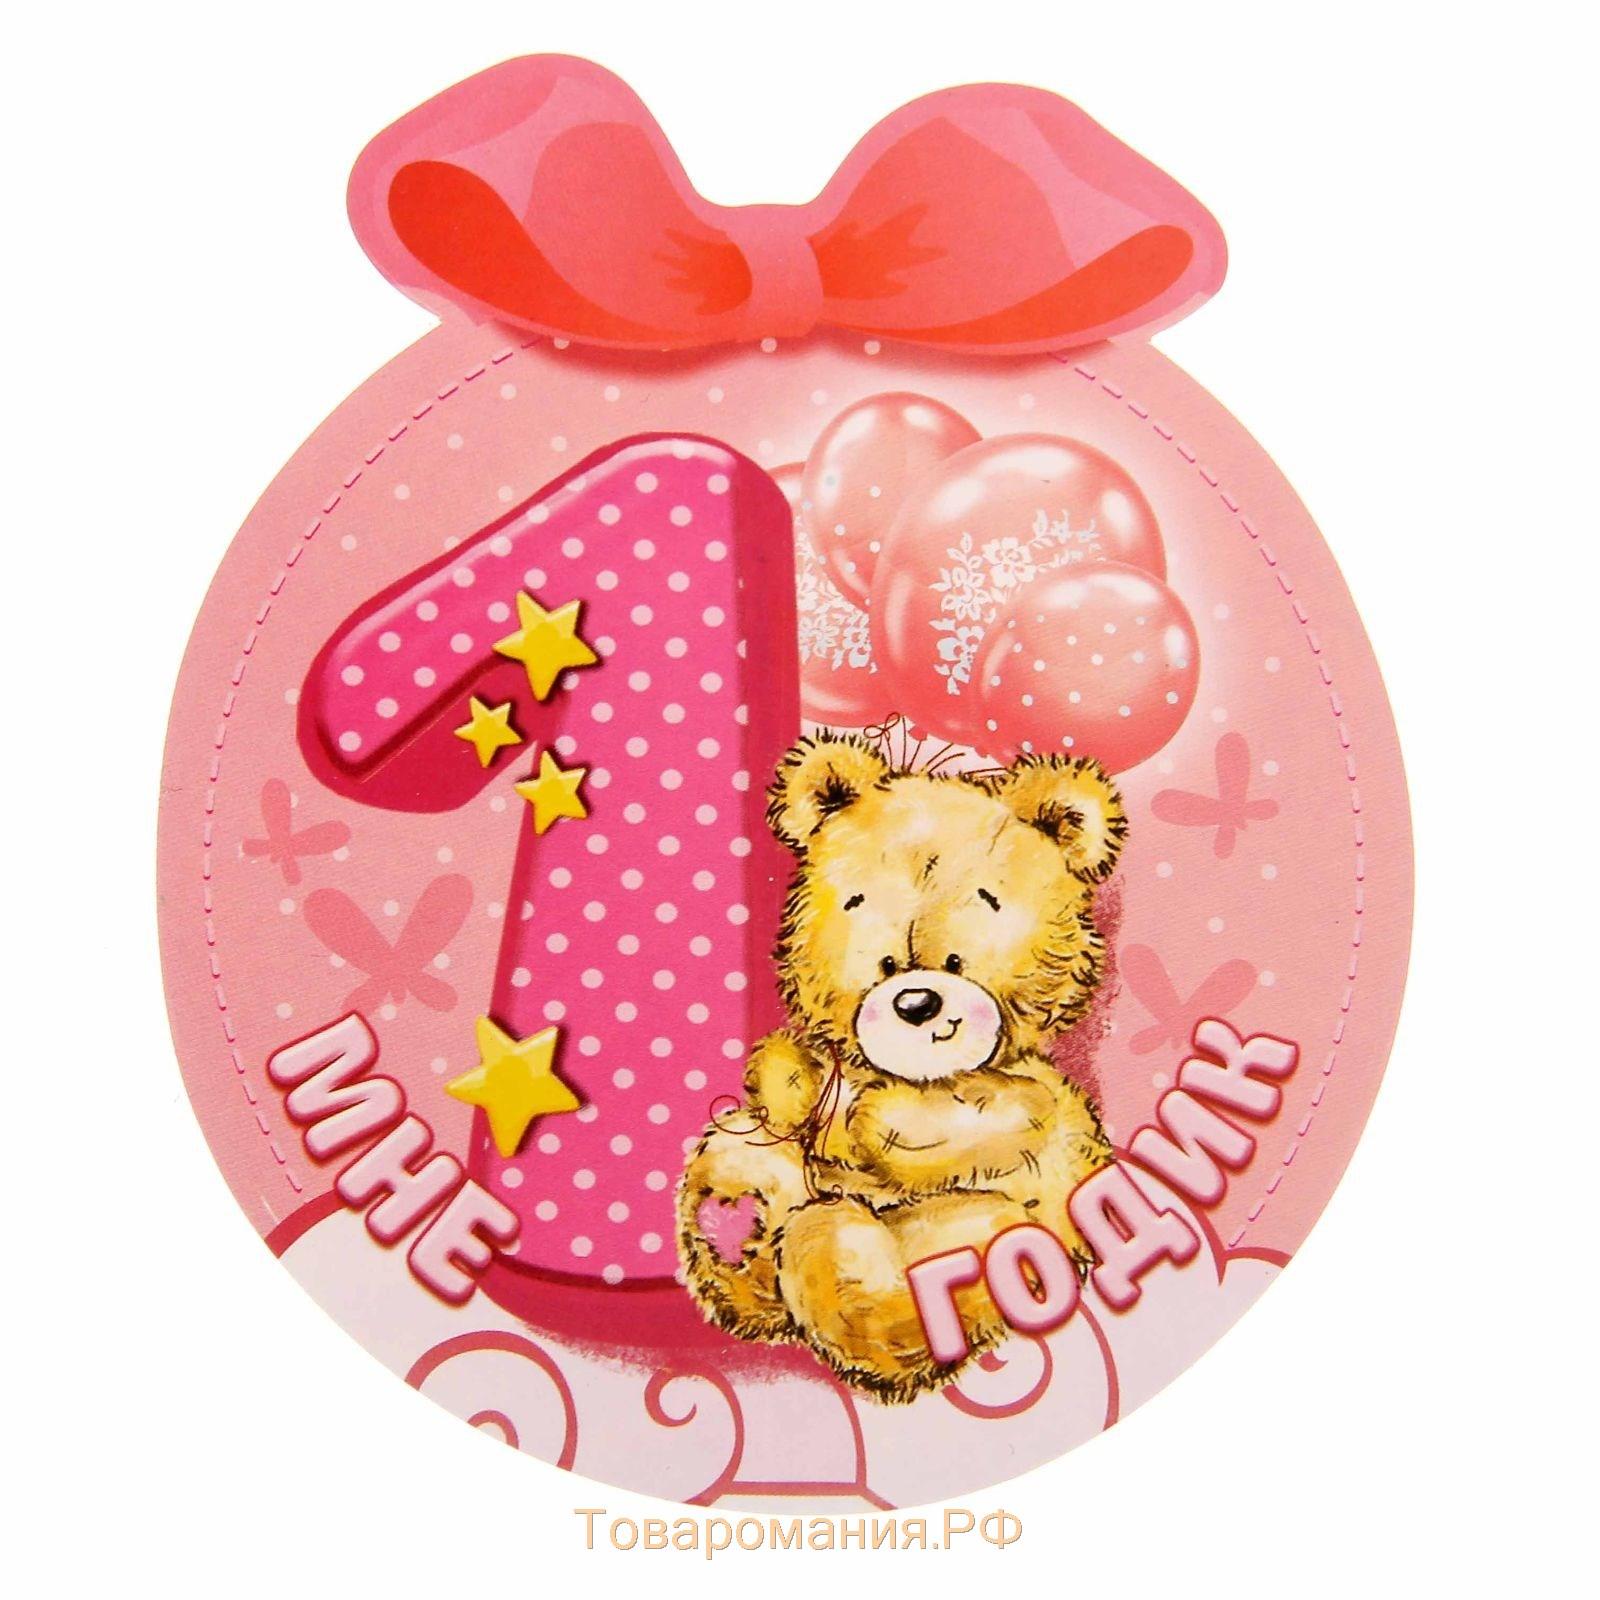 Поздравления на 1 годик для девочки